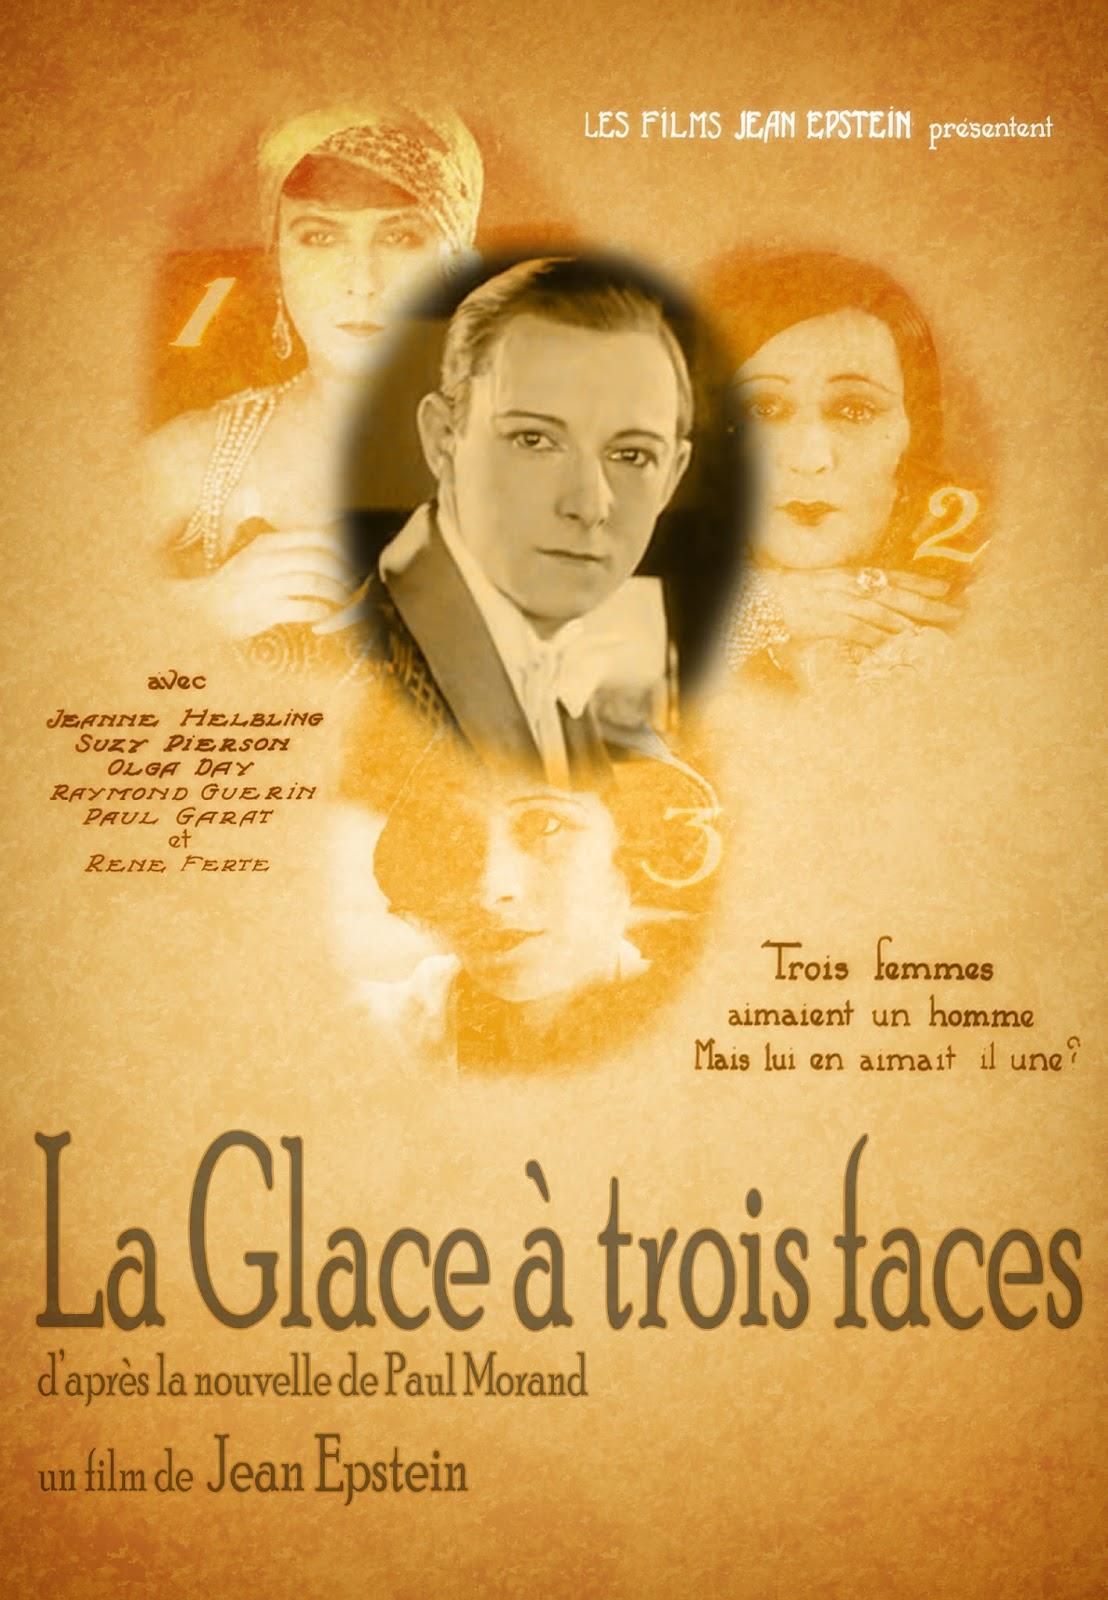 Votre dernier film visionné La-glace-a-trois-faces